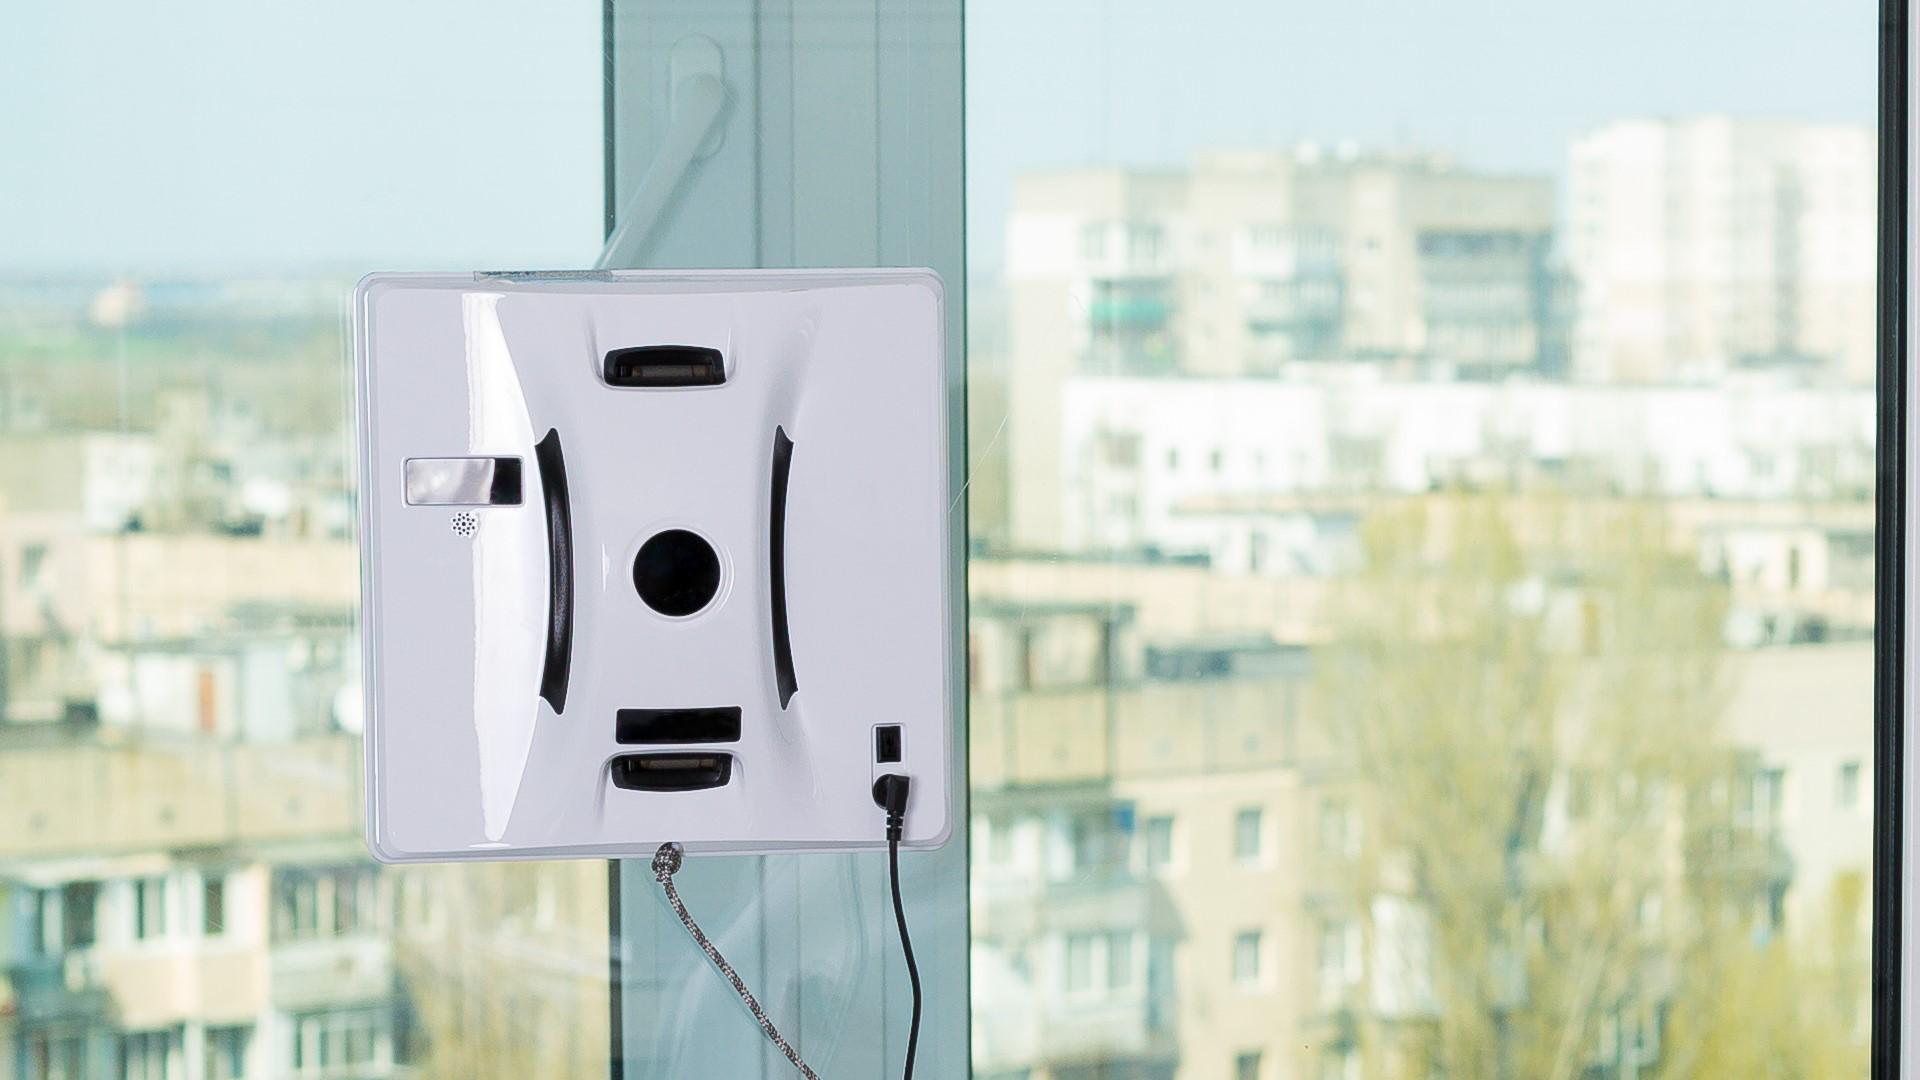 Miglior robot lavavetri 2020: Guida all'acquisto